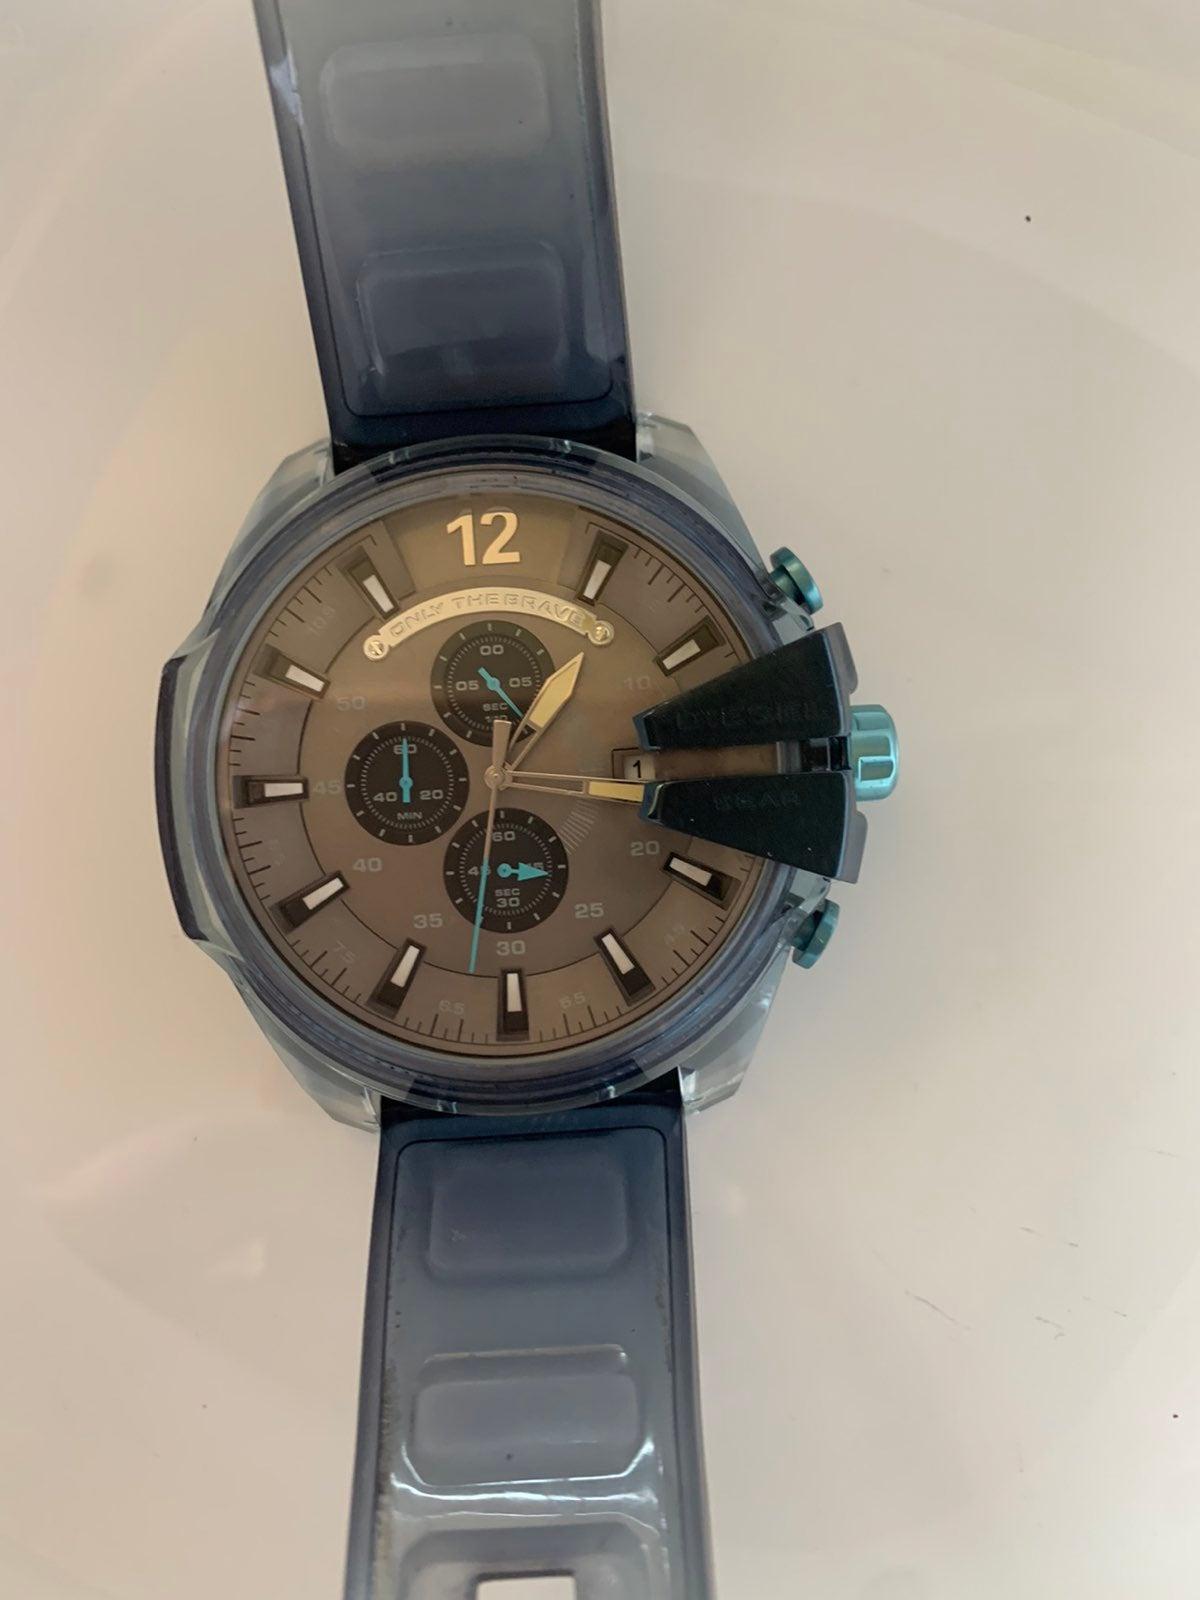 DZ-4487 diesel watch